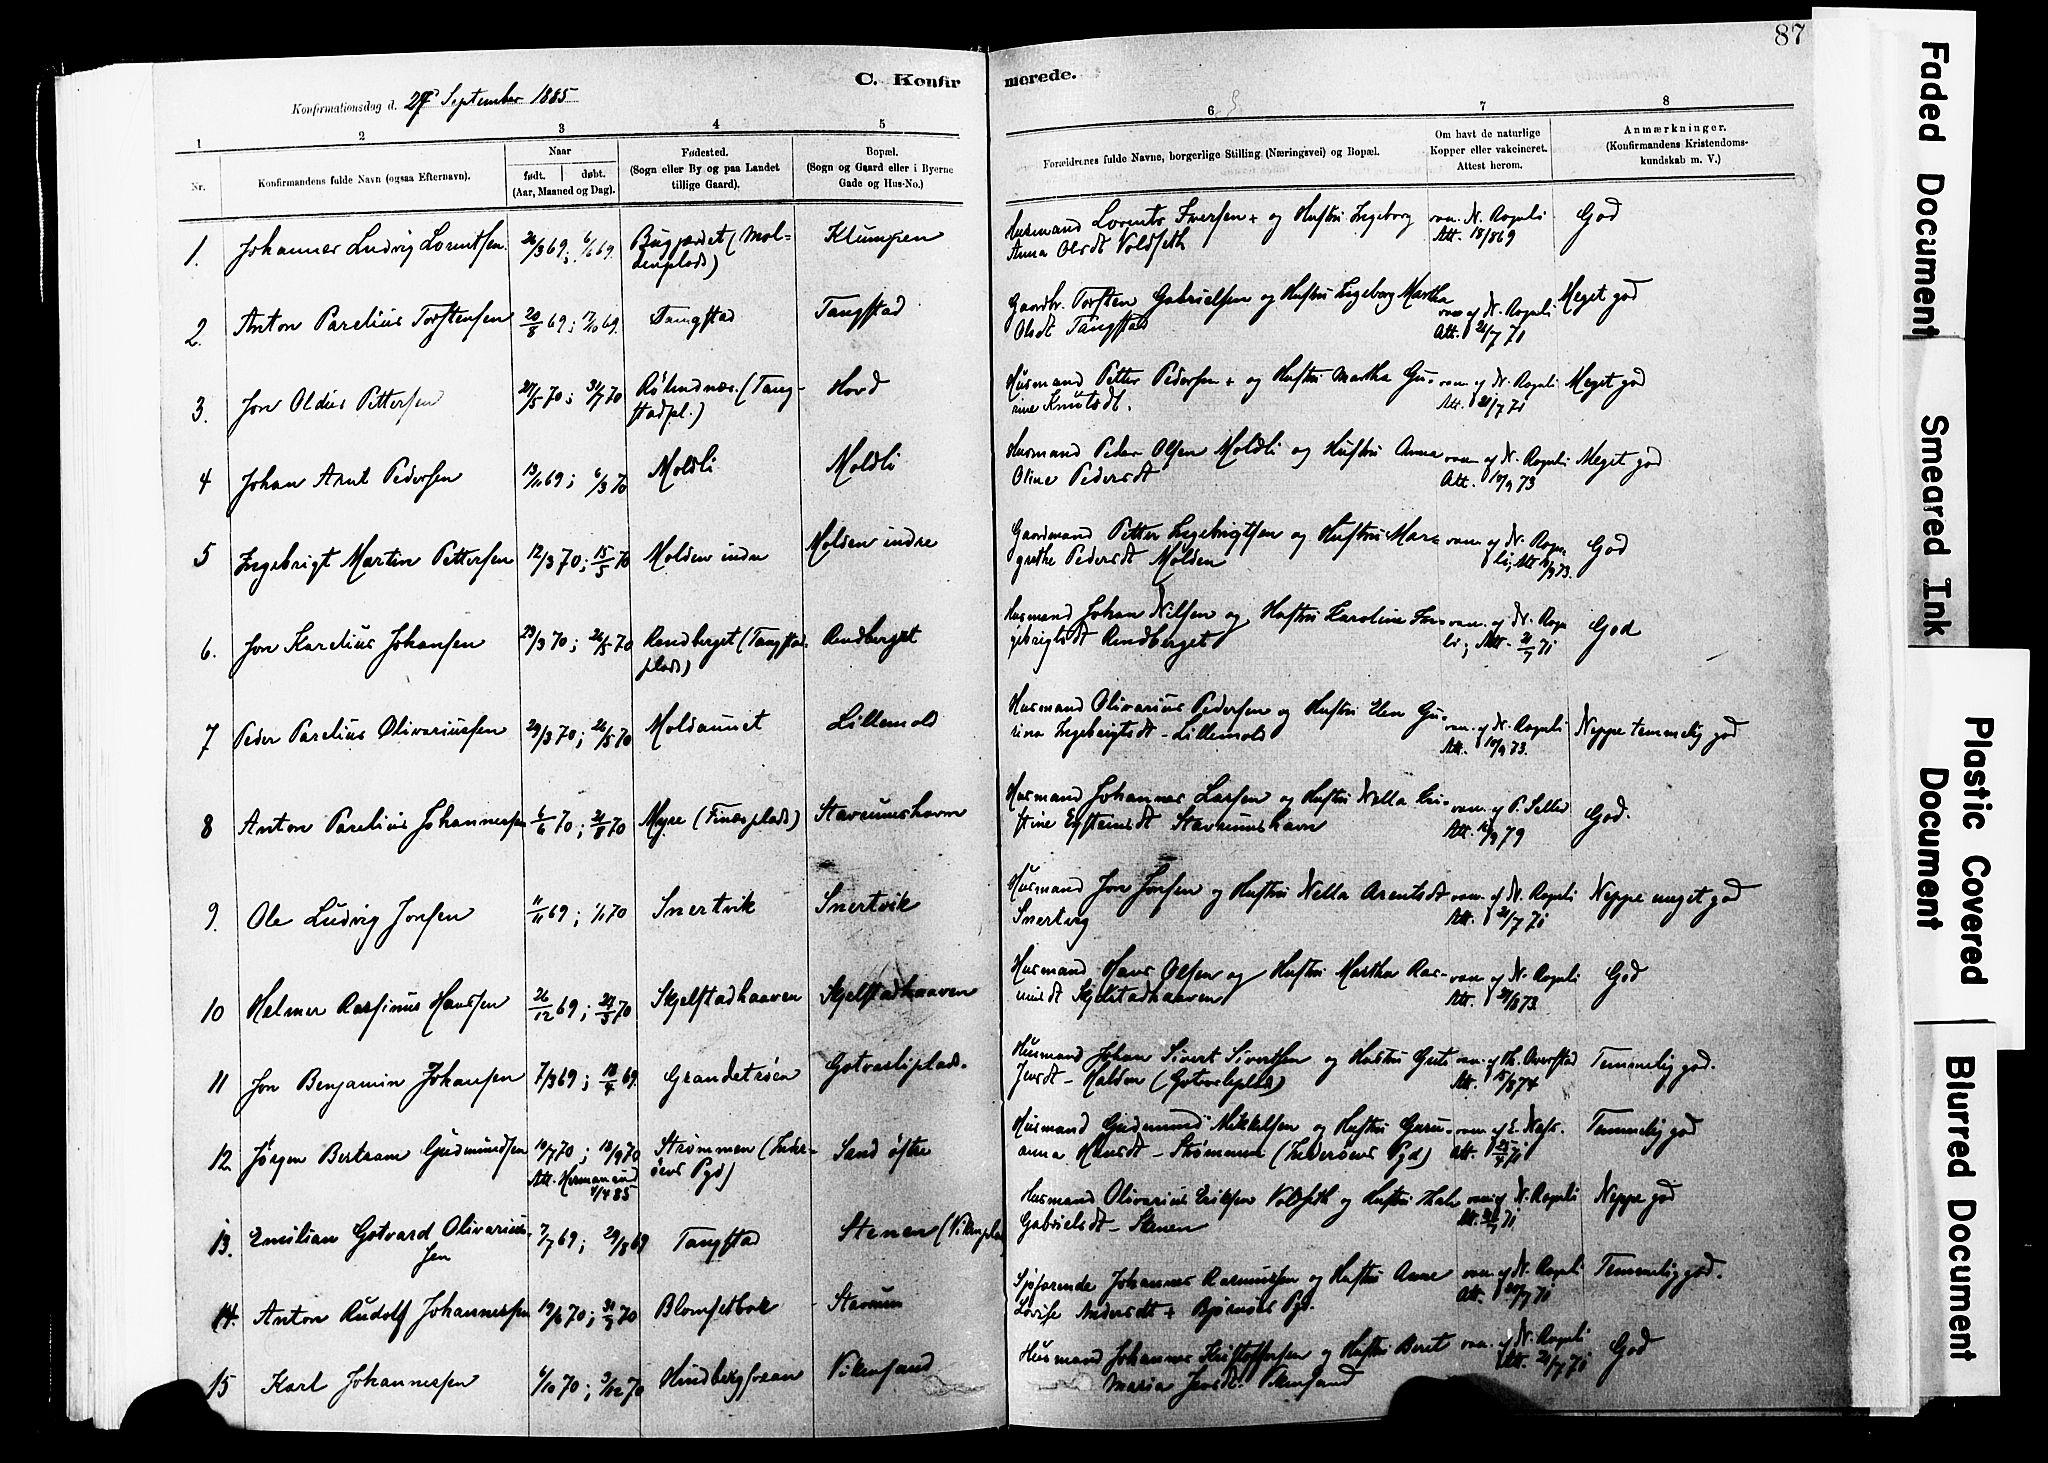 SAT, Ministerialprotokoller, klokkerbøker og fødselsregistre - Nord-Trøndelag, 744/L0420: Ministerialbok nr. 744A04, 1882-1904, s. 87